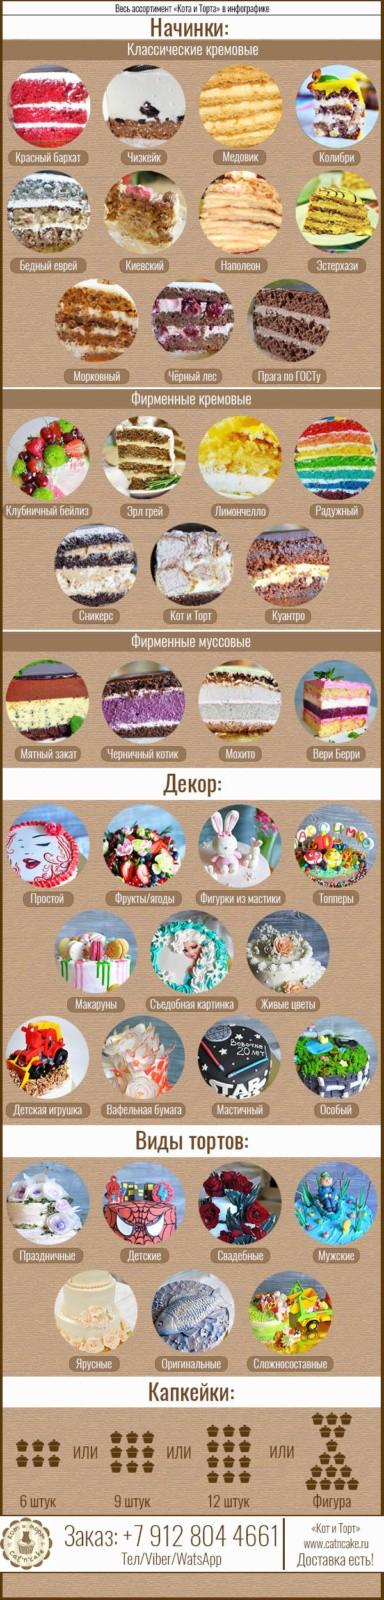 Инфографика Кота и Торта